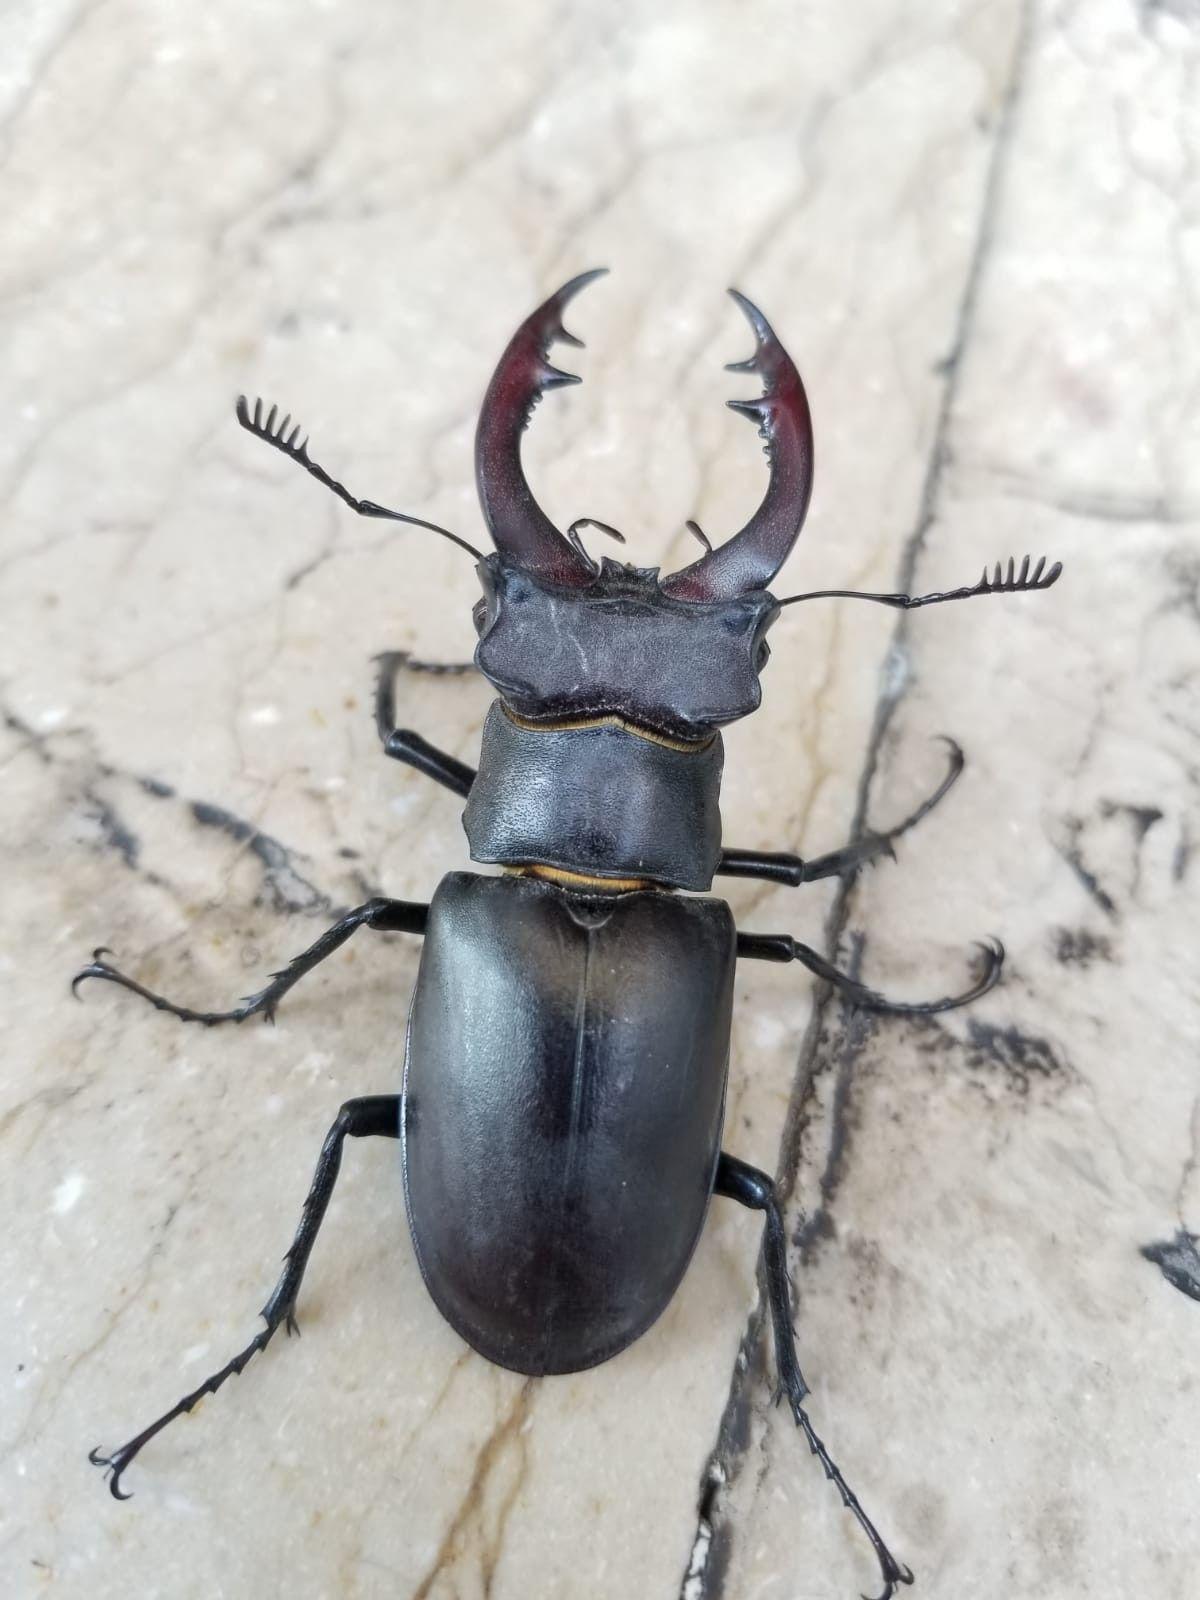 150 bin dolar ediyor! Doğada nadir bulunan Geyik Böceği Elazığ'da görüldü - Sayfa 3